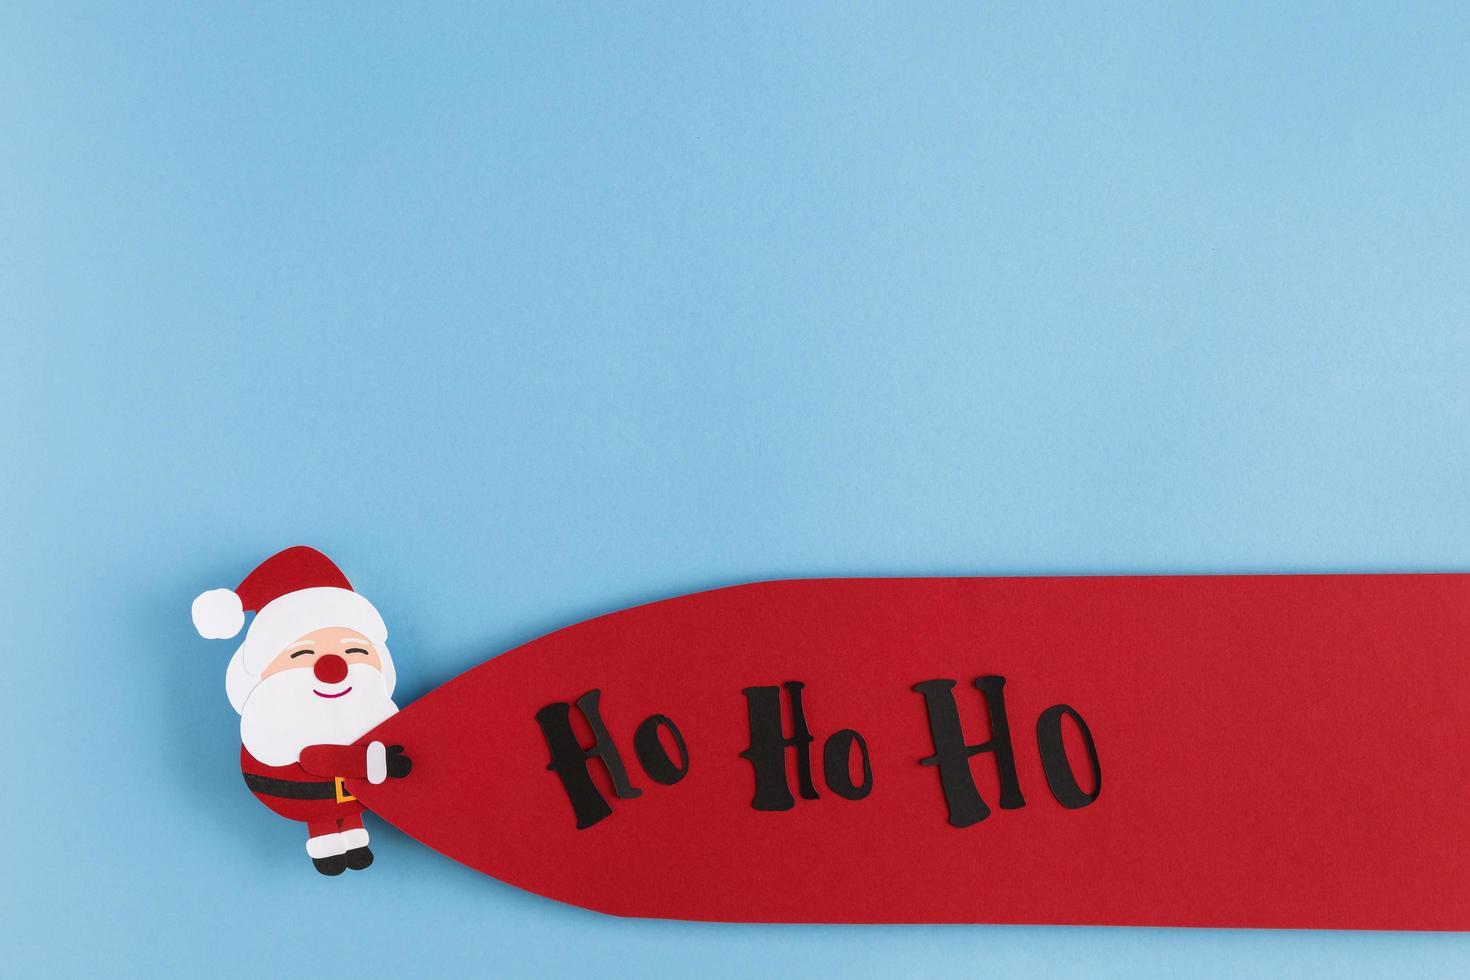 dibujos animados de santa sobre fondo azul para tarjeta de navidad foto